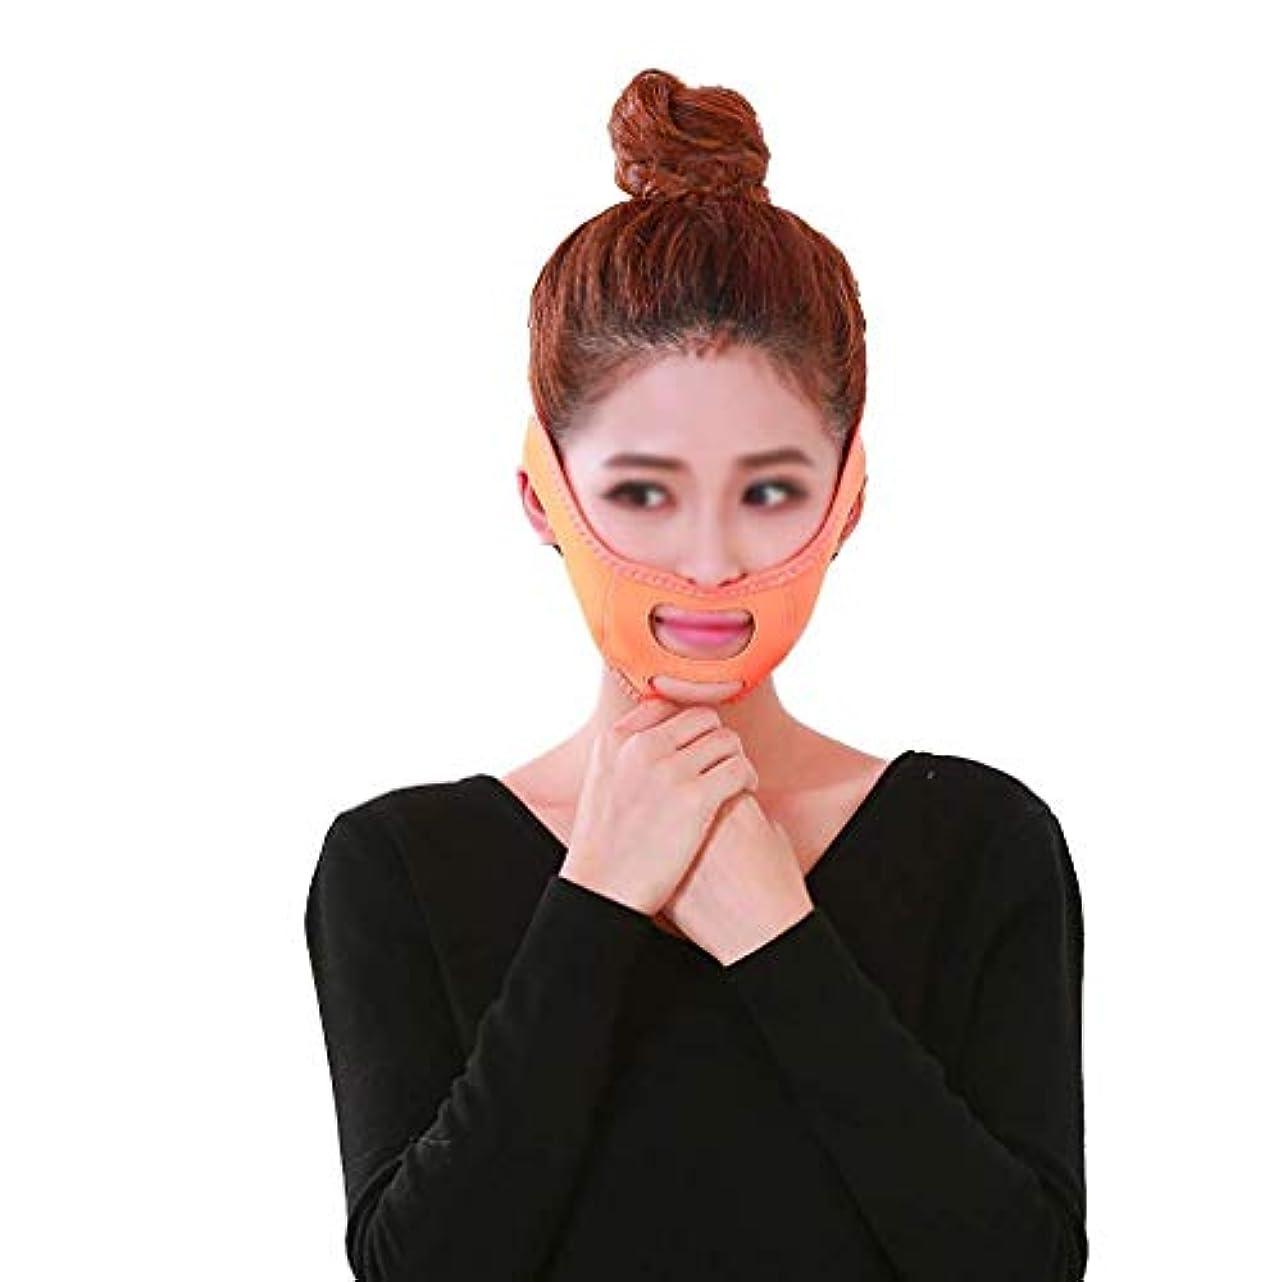 クレーン部分的に精査フェイスリフトフェイシャル、肌のリラクゼーションを防ぐタイトなVフェイスマスクVフェイスアーティファクトフェイスリフトバンデージフェイスケア(色:オレンジ)